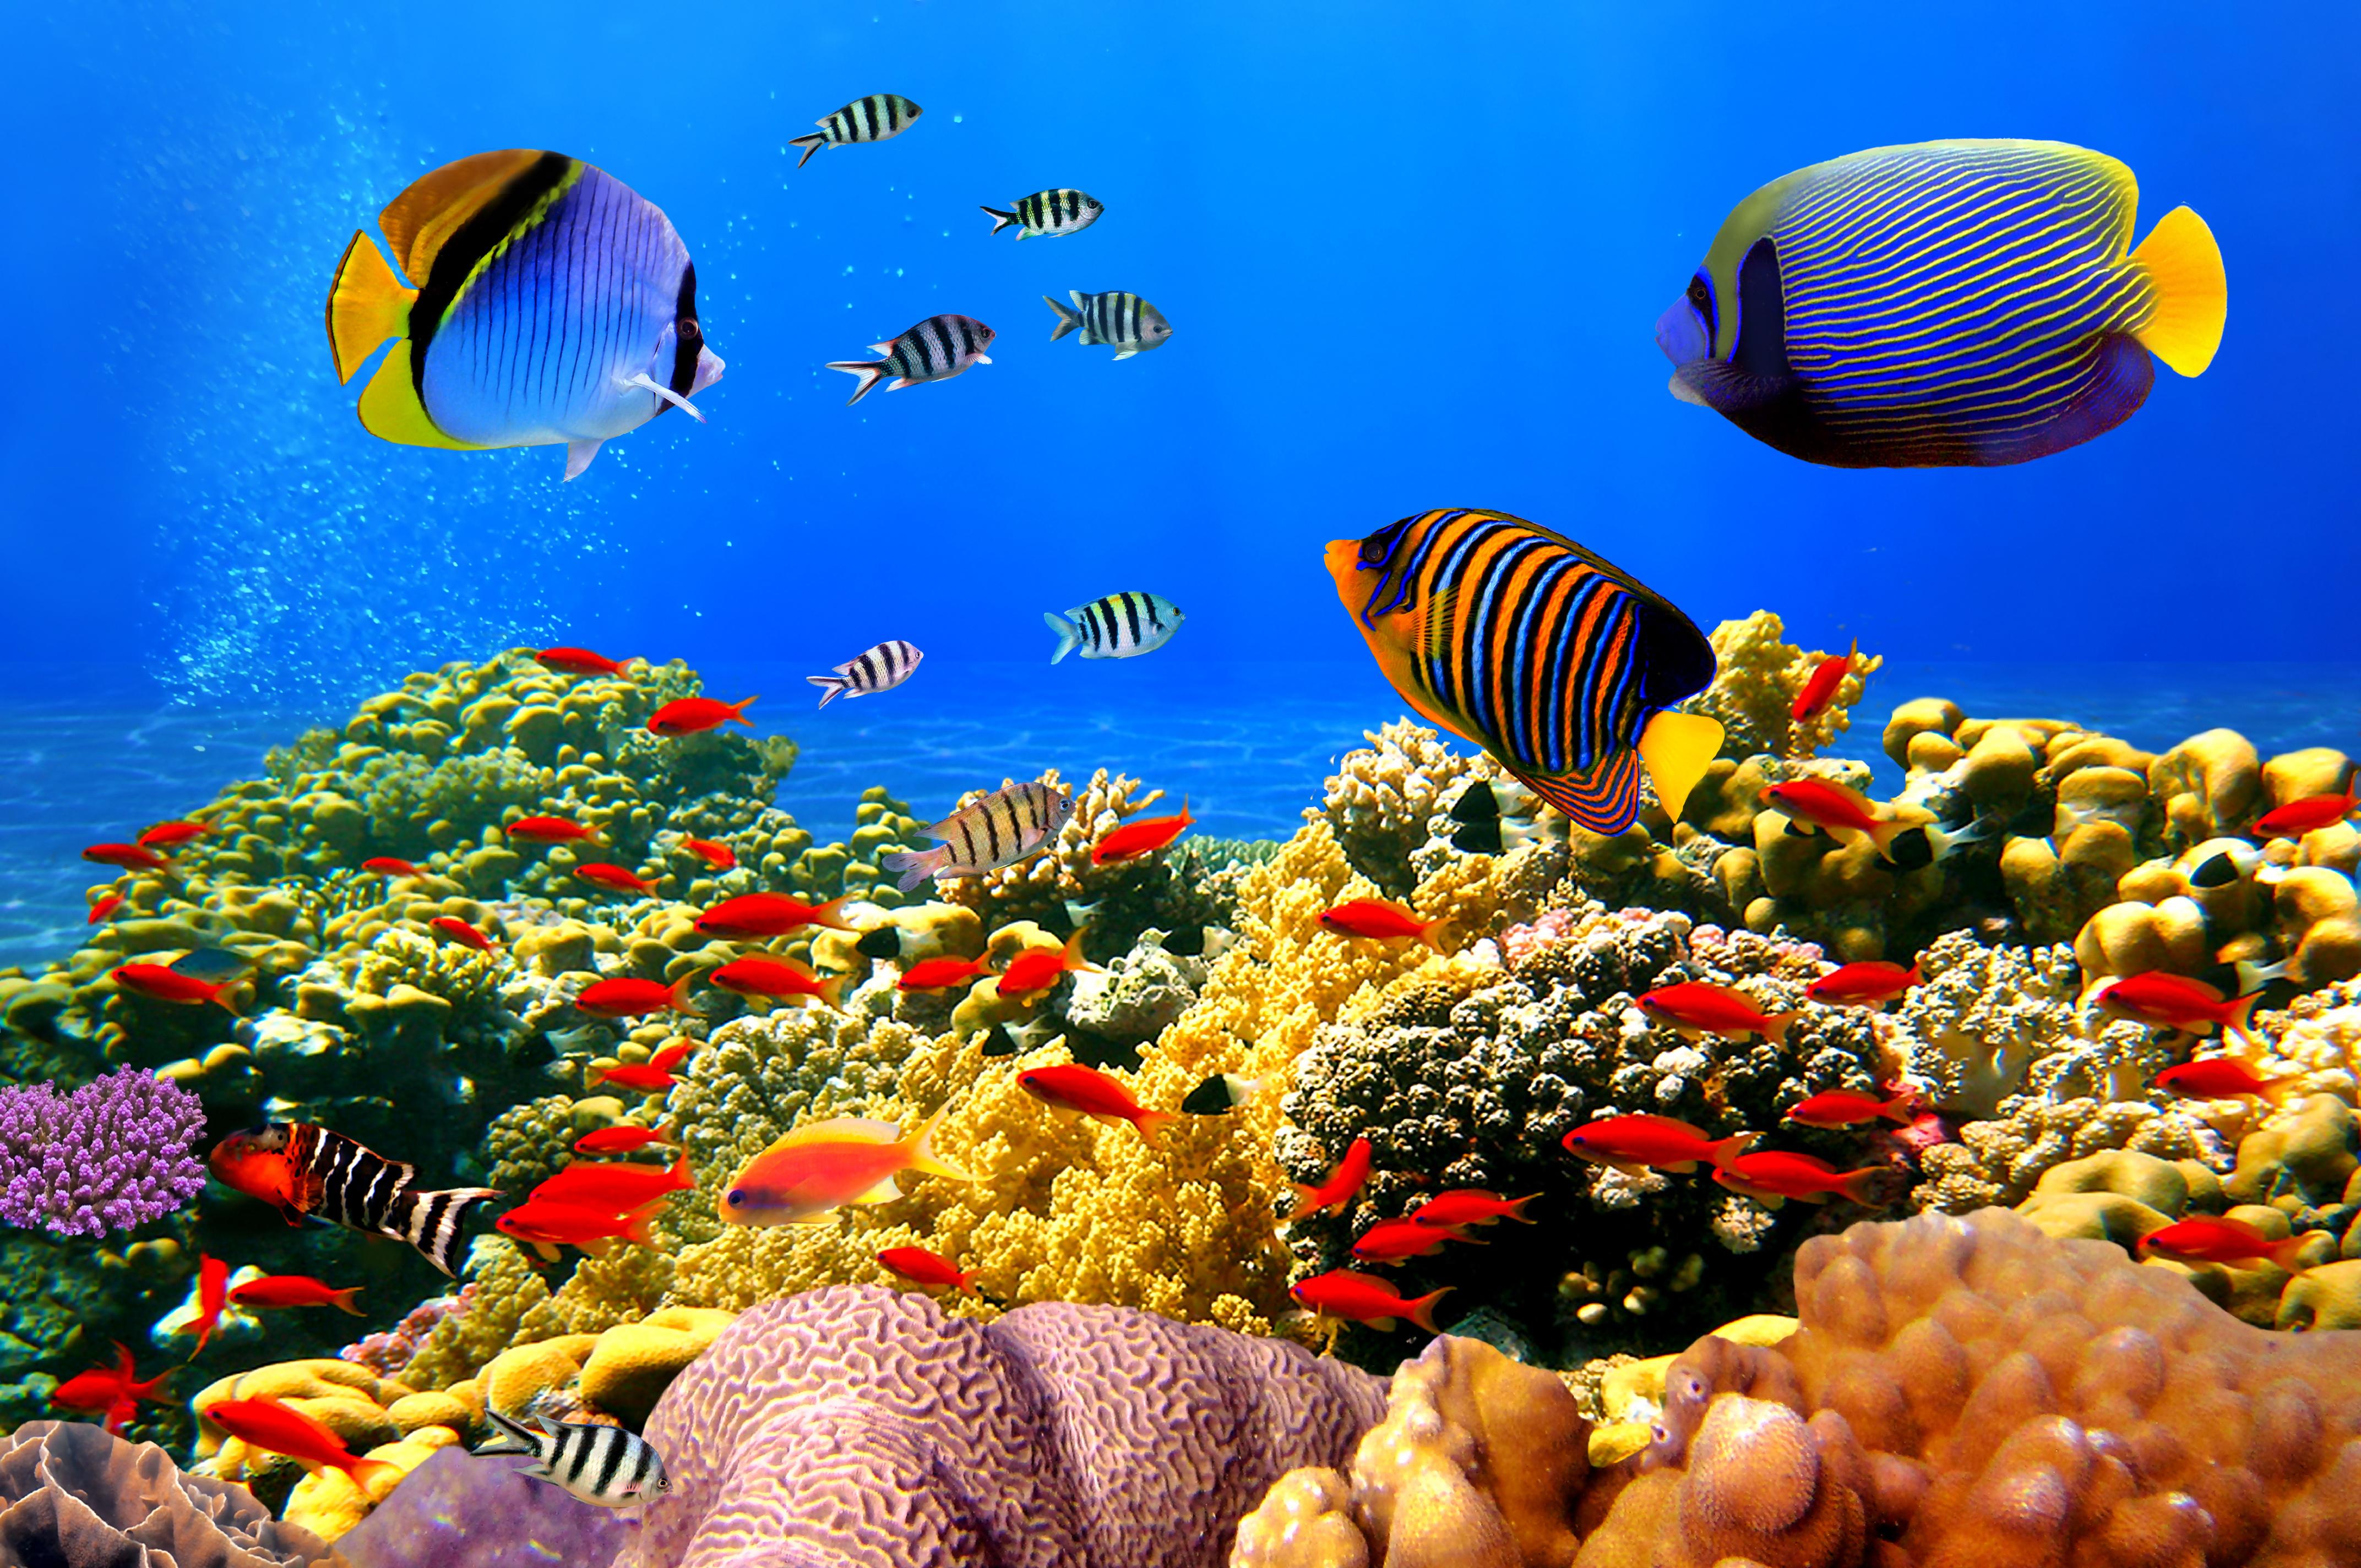 задумывался подводный мир картинки большого размера щенки